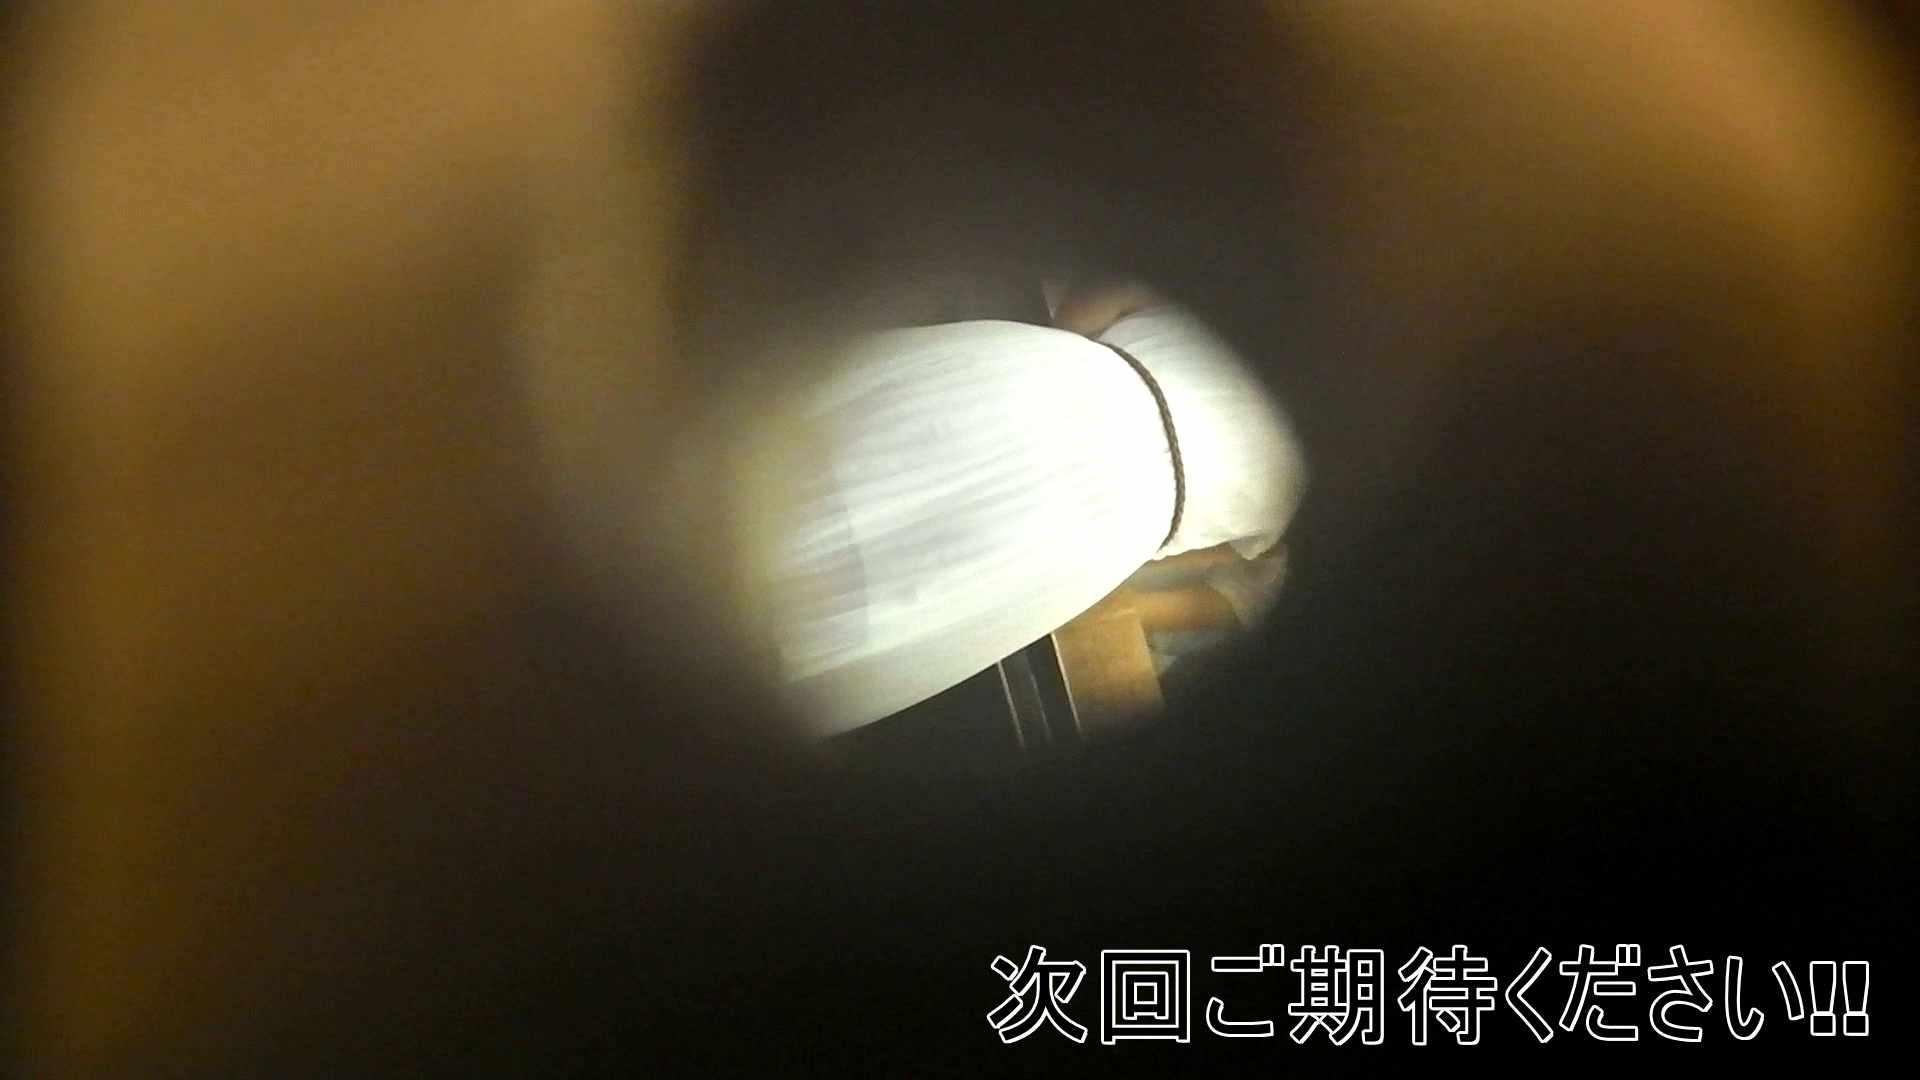 阿国ちゃんの「和式洋式七変化」No.6 お姉さん攻略   ギャル攻め  70画像 19